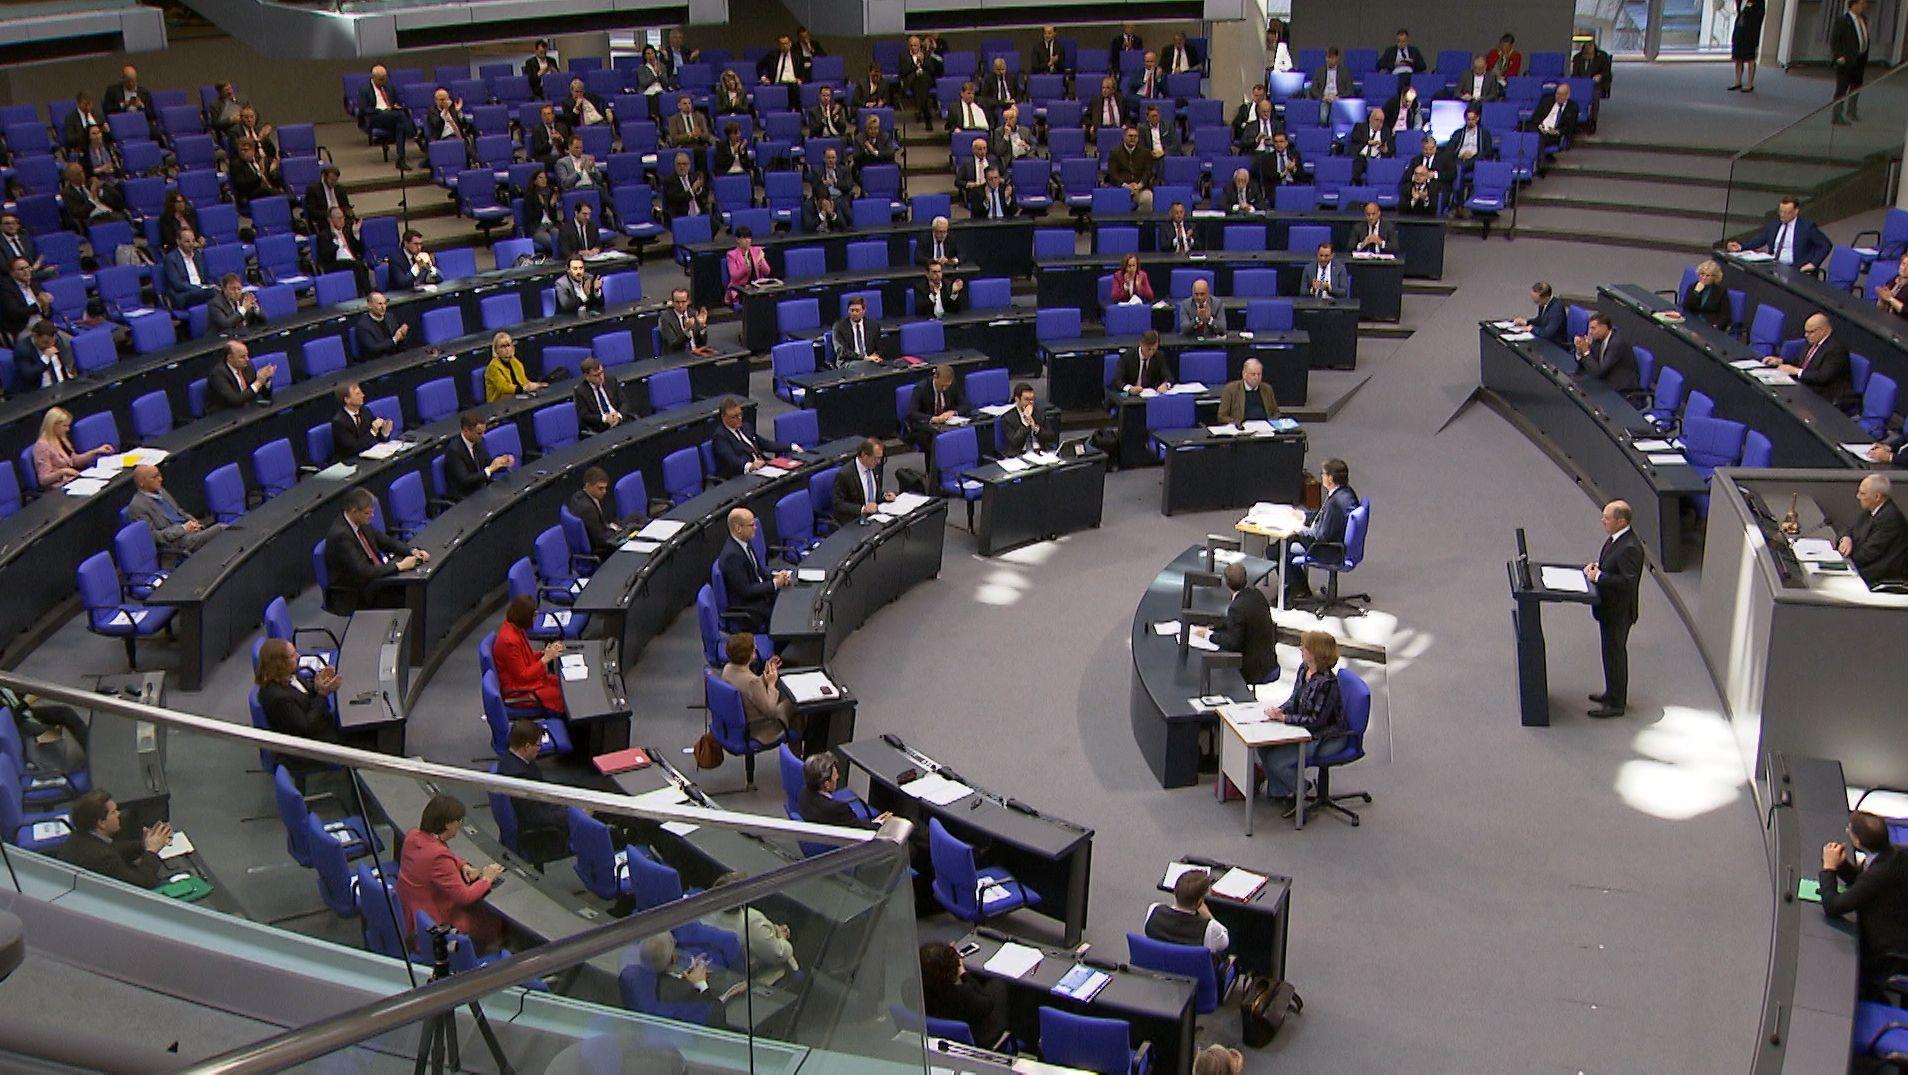 Der Bundestag beschloss heute einen 156 Milliarden Euro großen Nachtragshaushalt, um die Folgen der Corona-Krise abfedern zu können.